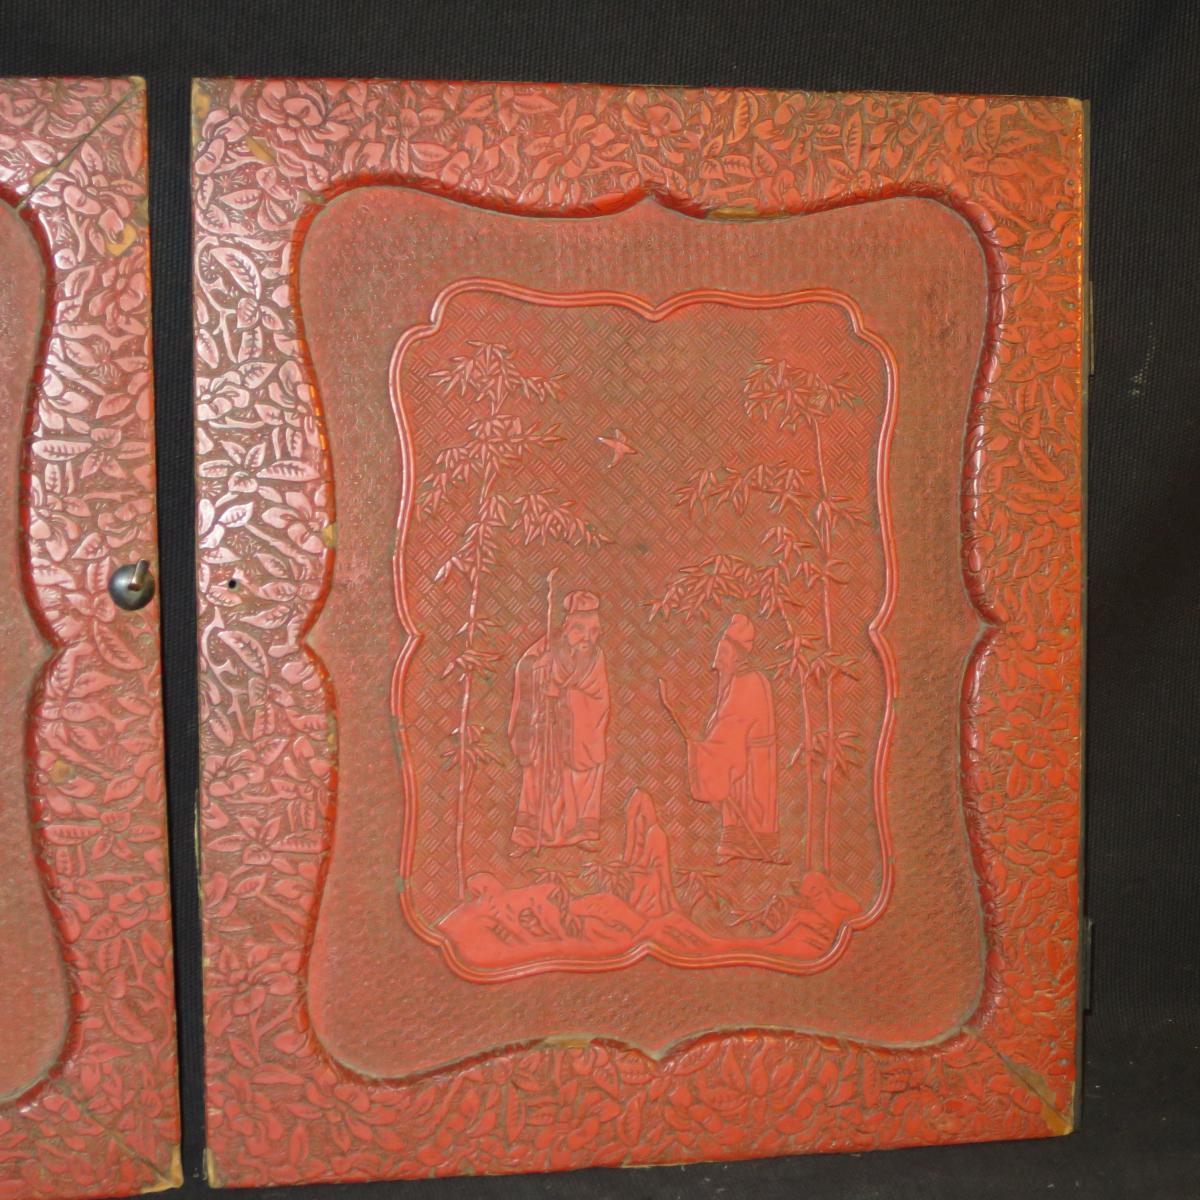 2 Panneaux De Porte Cabinet Xixe En Laque Rouge Decor Chinois Asie  # Porte Laque Chinois